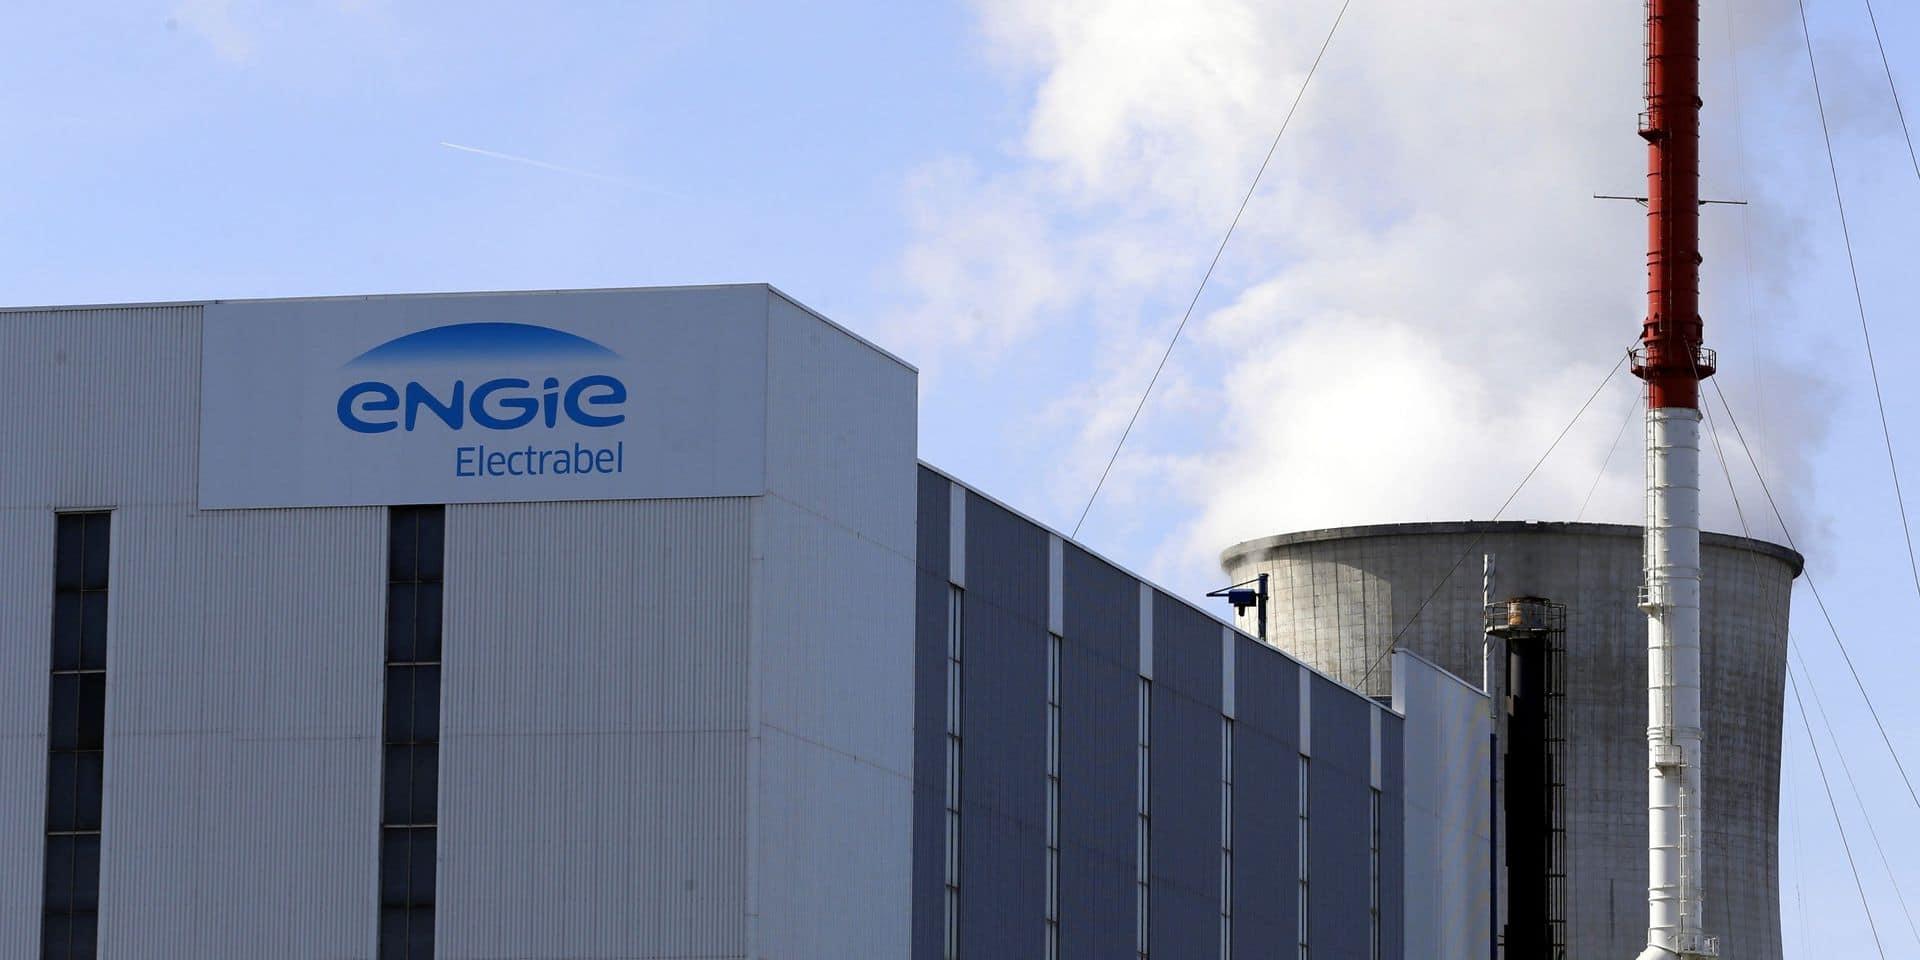 Malgré de lourdes pertes, Electrabel verse 700 millions de dividendes à Engie